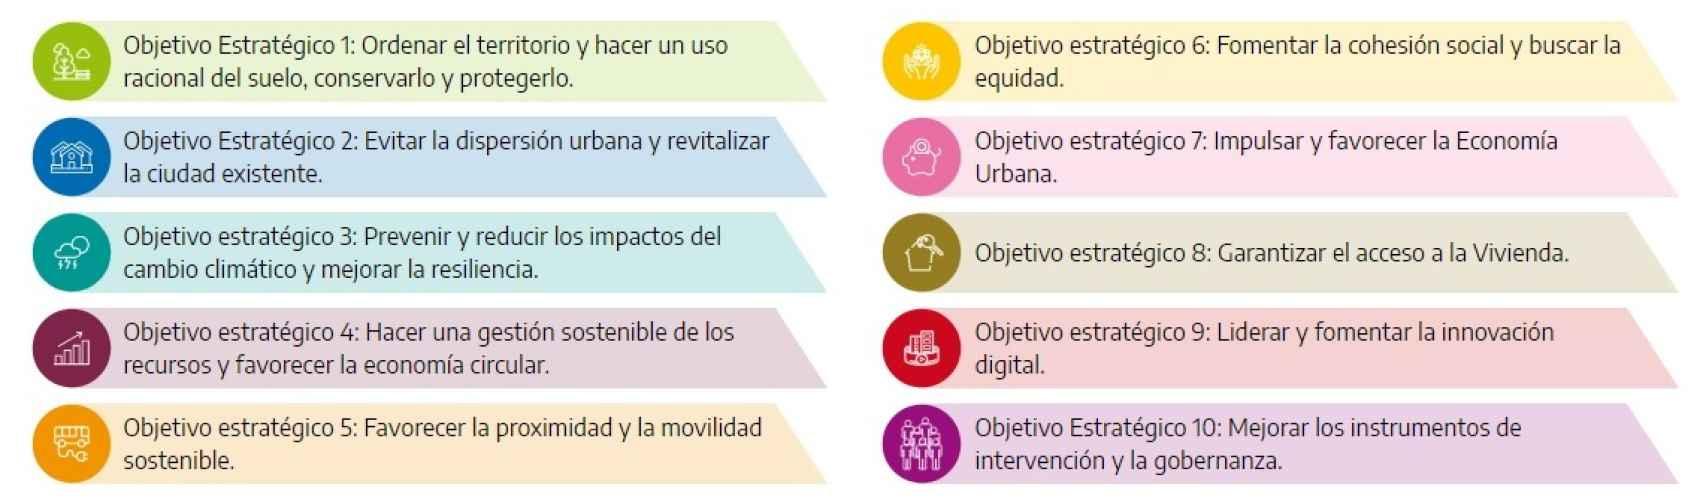 Objetivos estratégicos de la Agenda Urbana.